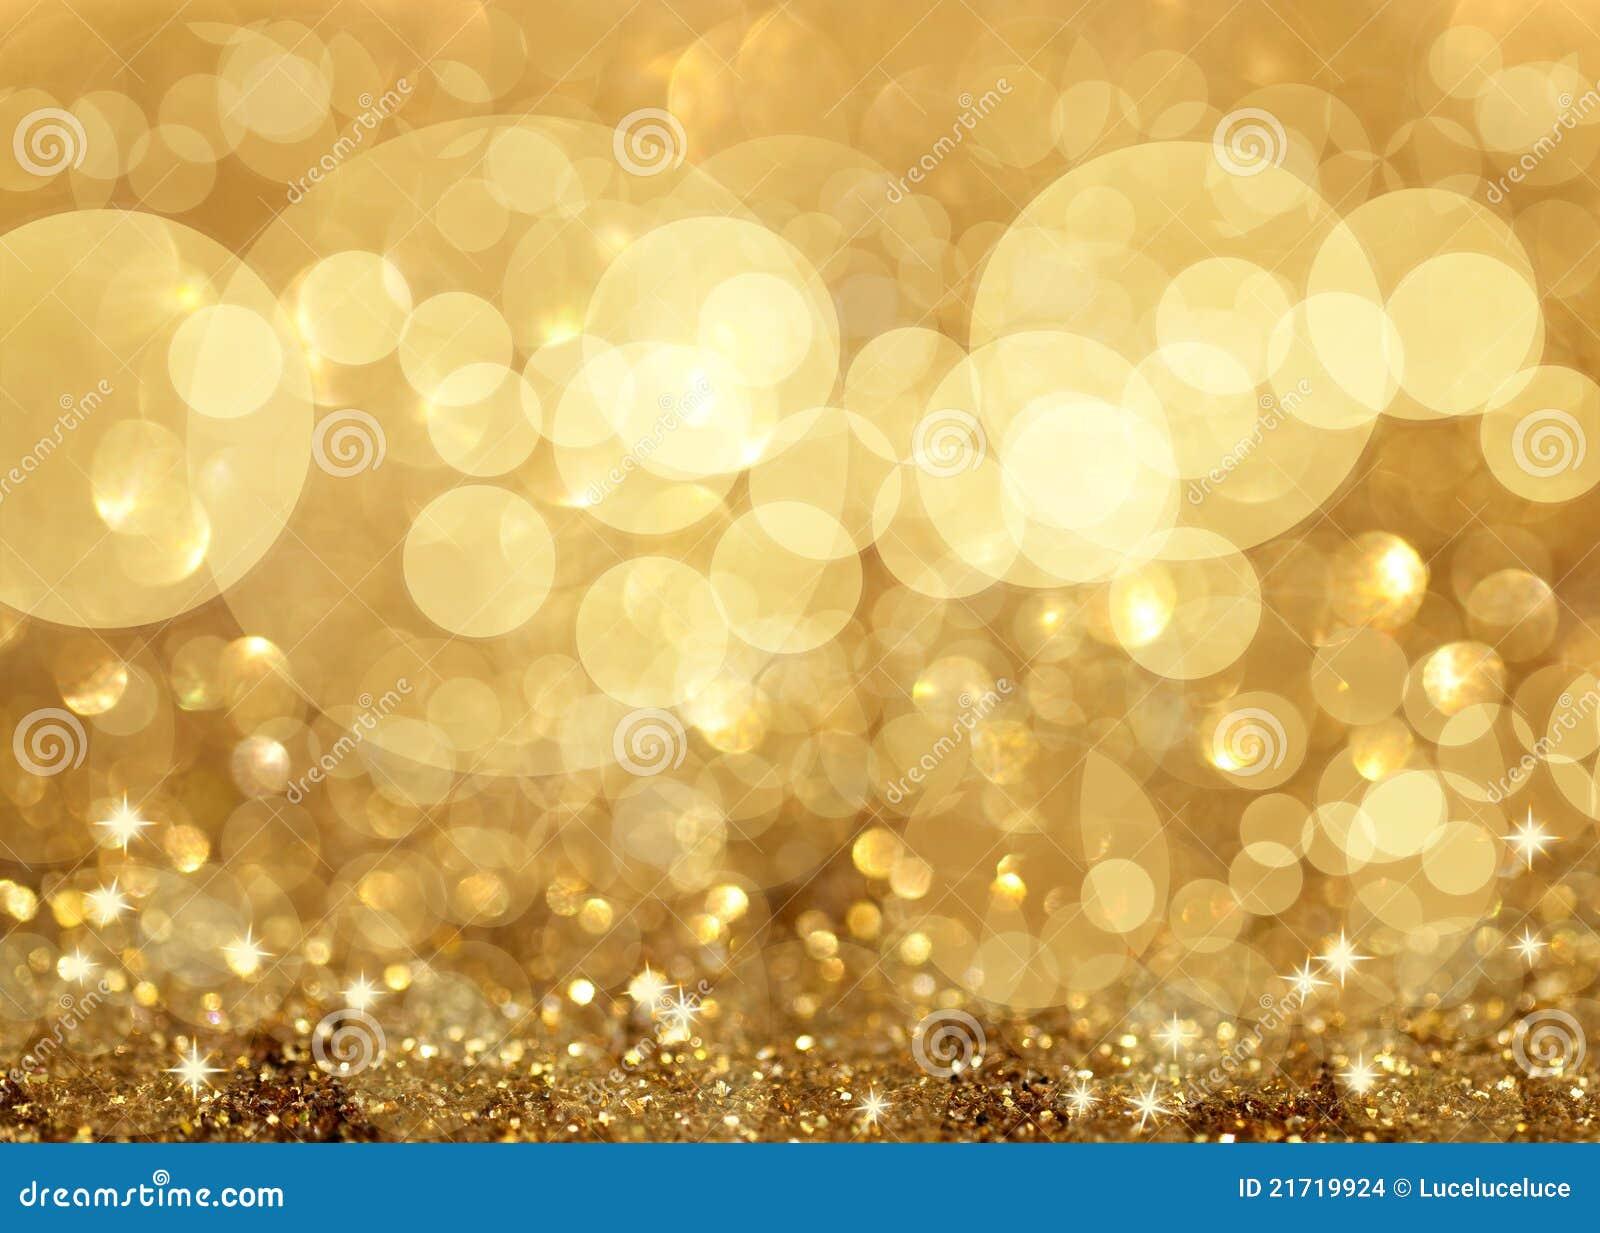 闪光的光和星形圣诞节背景